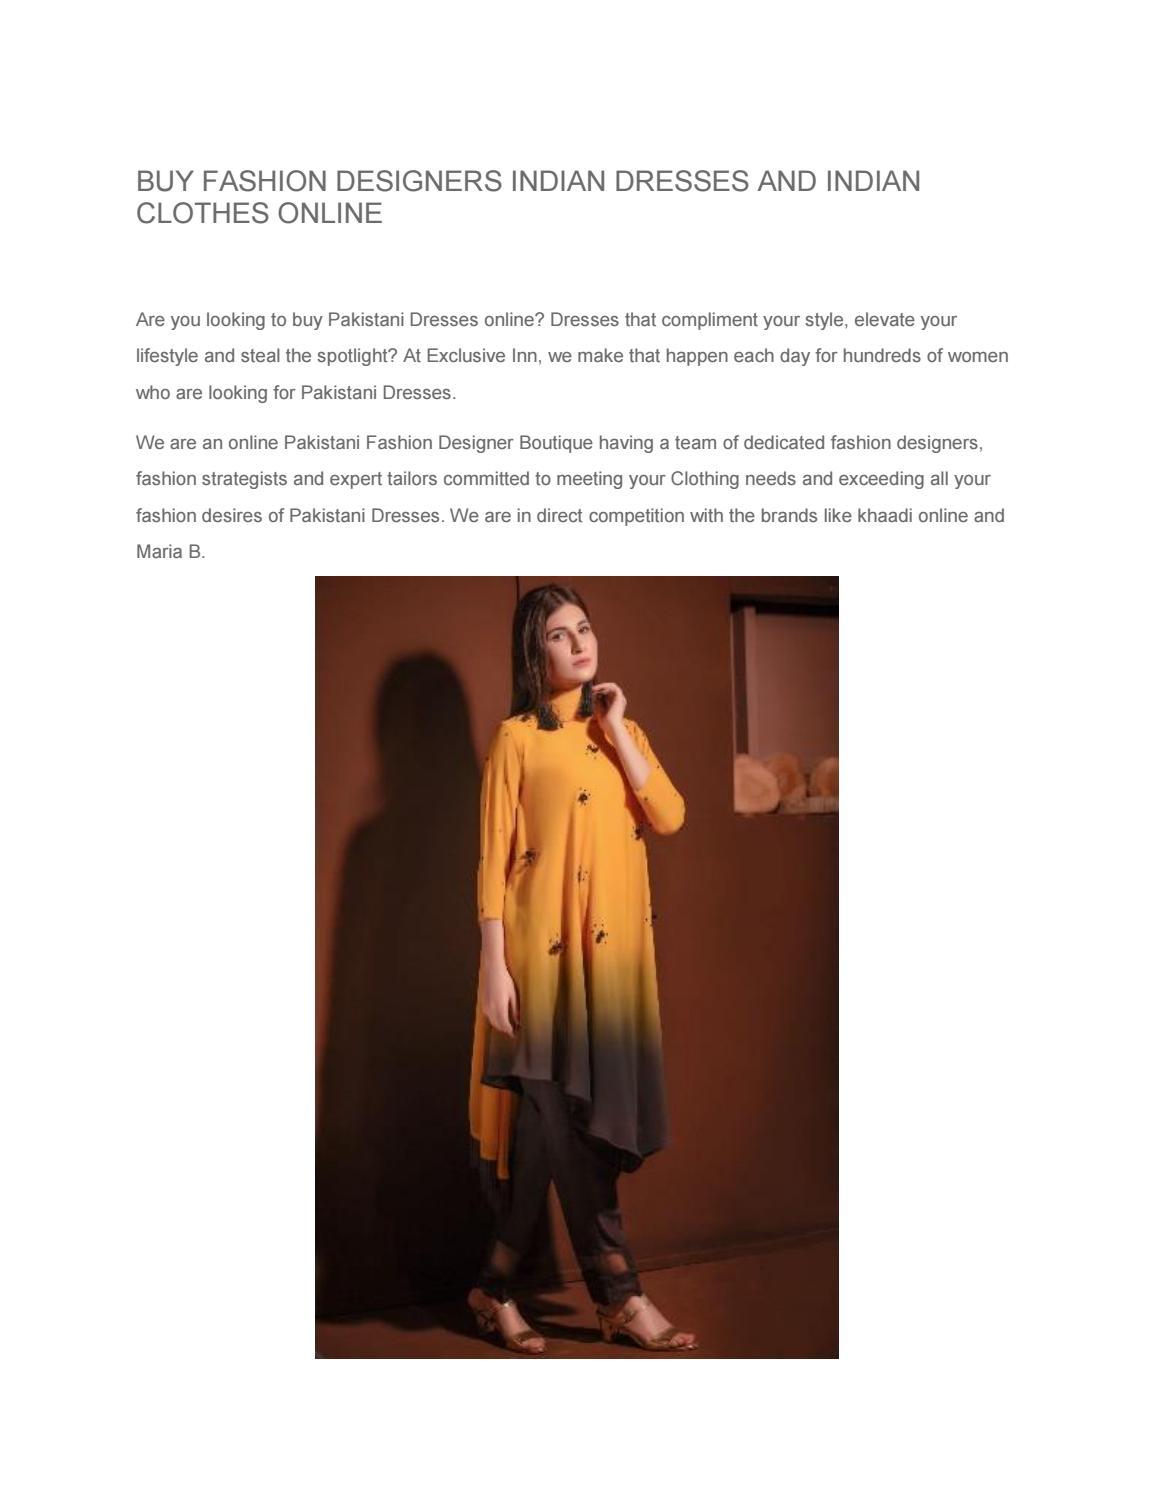 Buy Designer Indian Dresses Indian Clothes Online Exclusiveinn By Exclusiveinnfashion Issuu